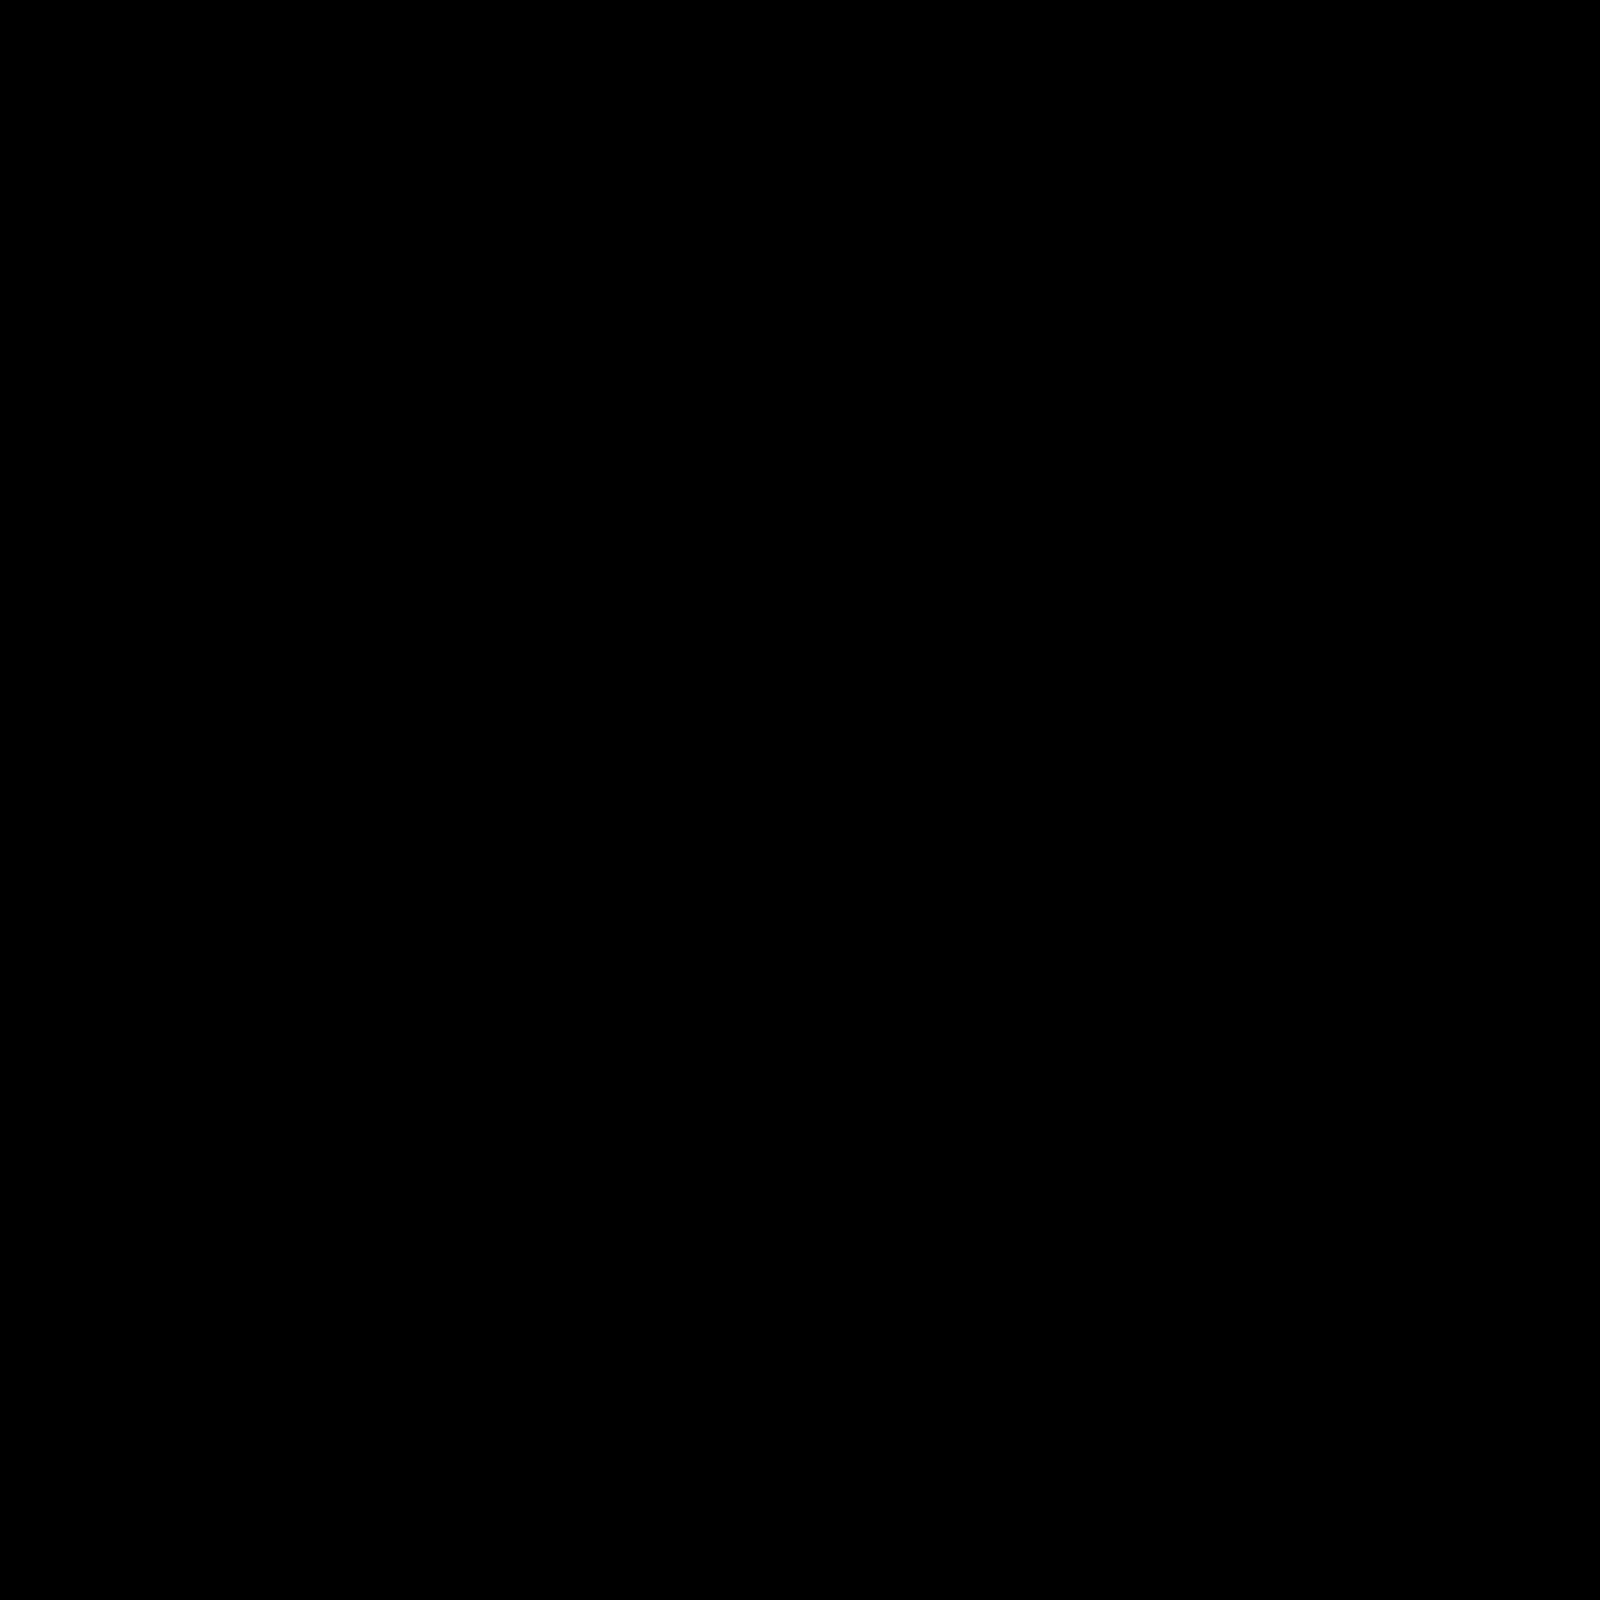 10 戻す icon